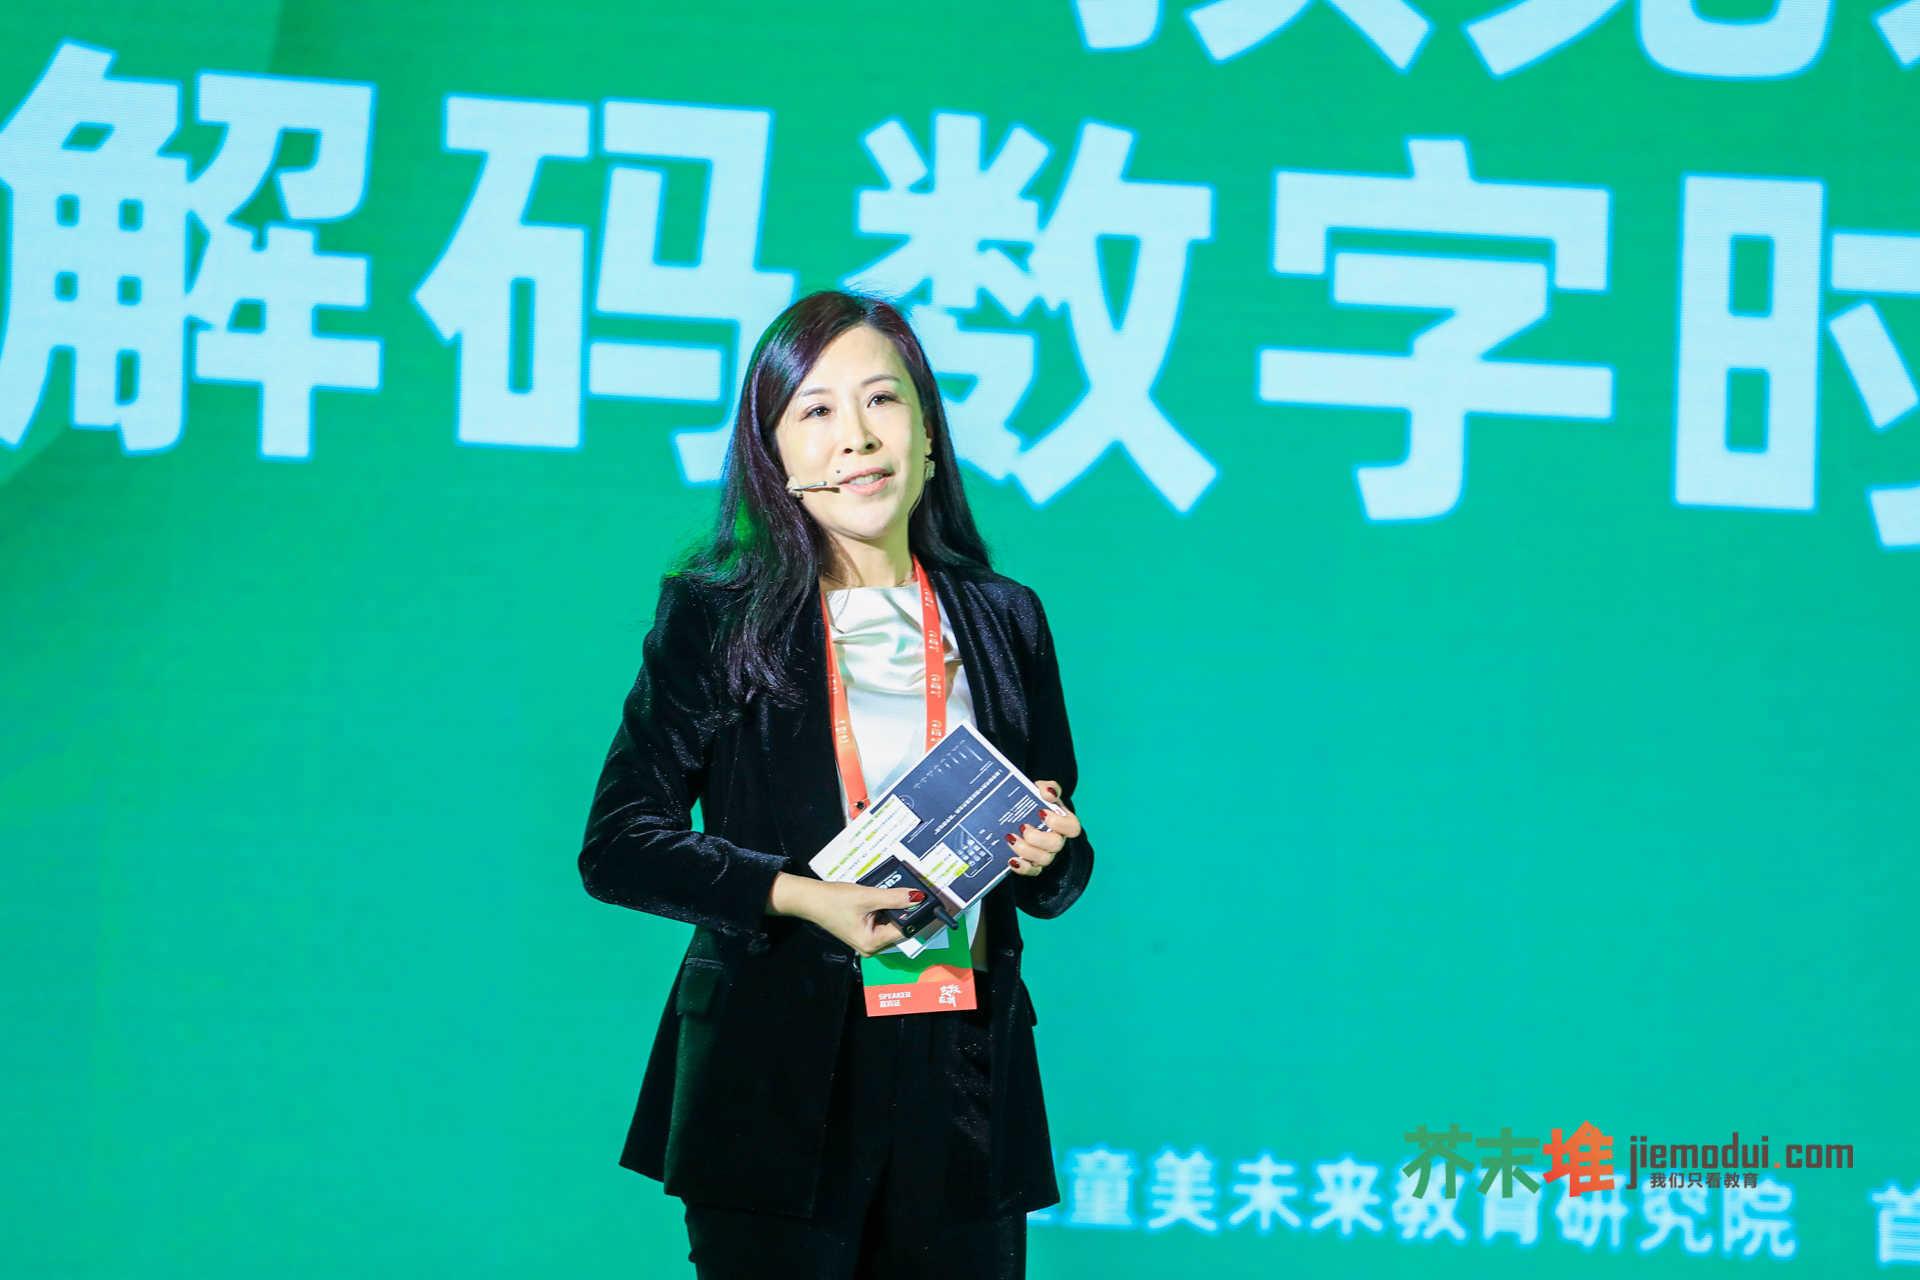 达内科技任命副总裁孙莹为首席执行官